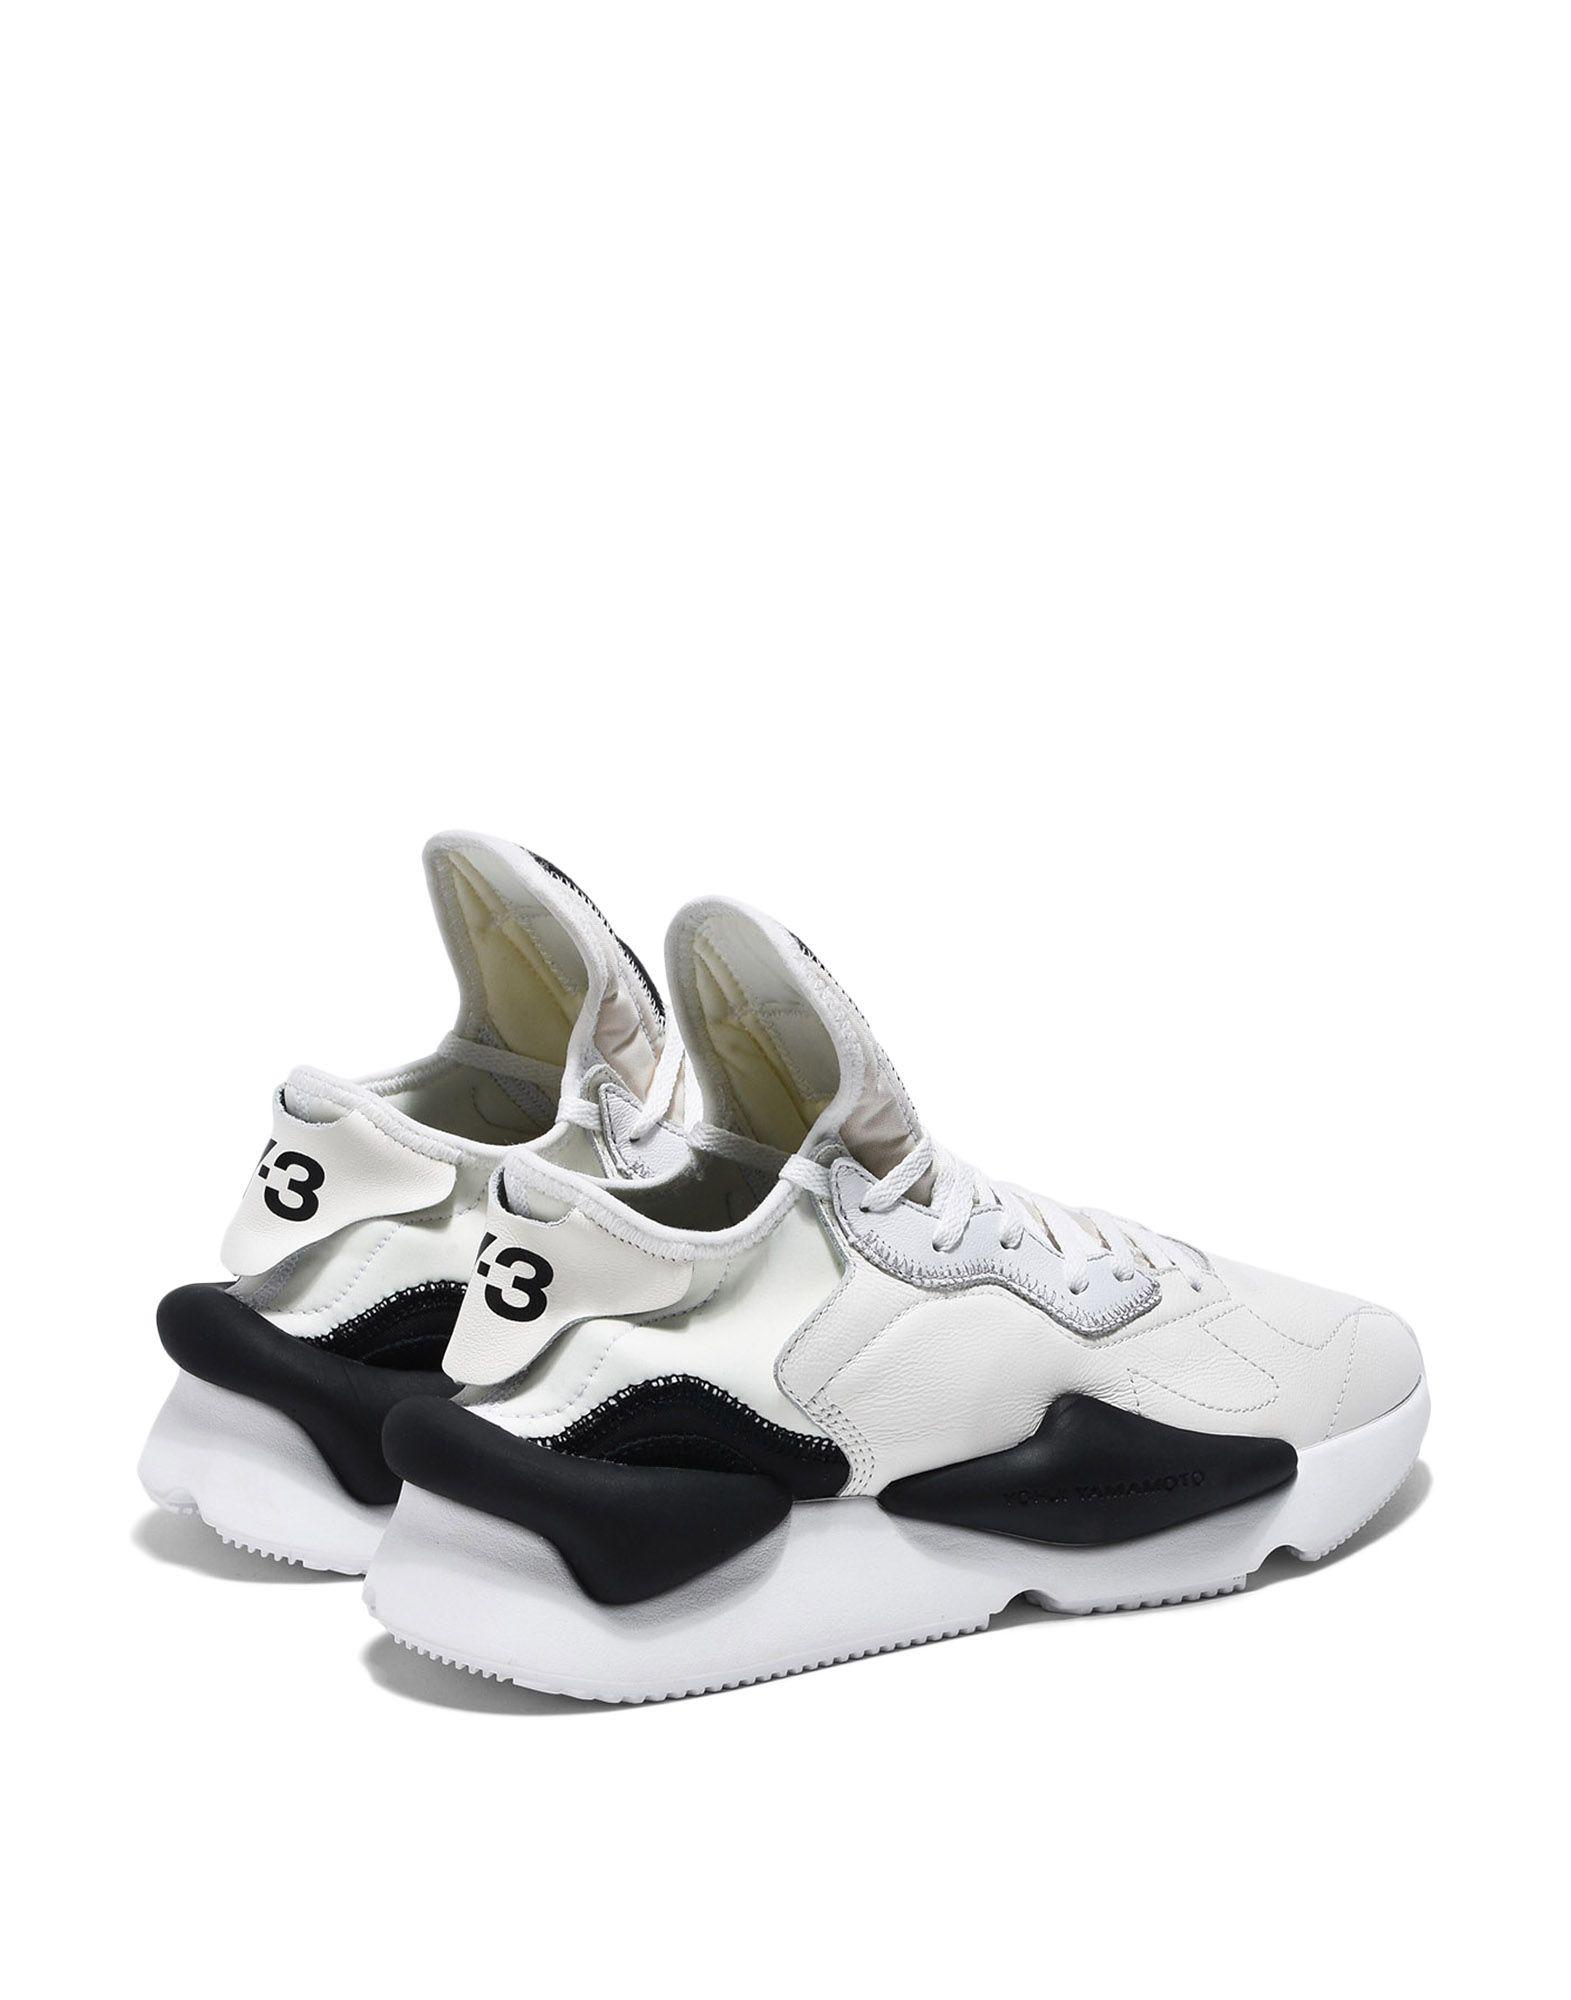 Y-3 Y-3 Kaiwa Sneakers E c